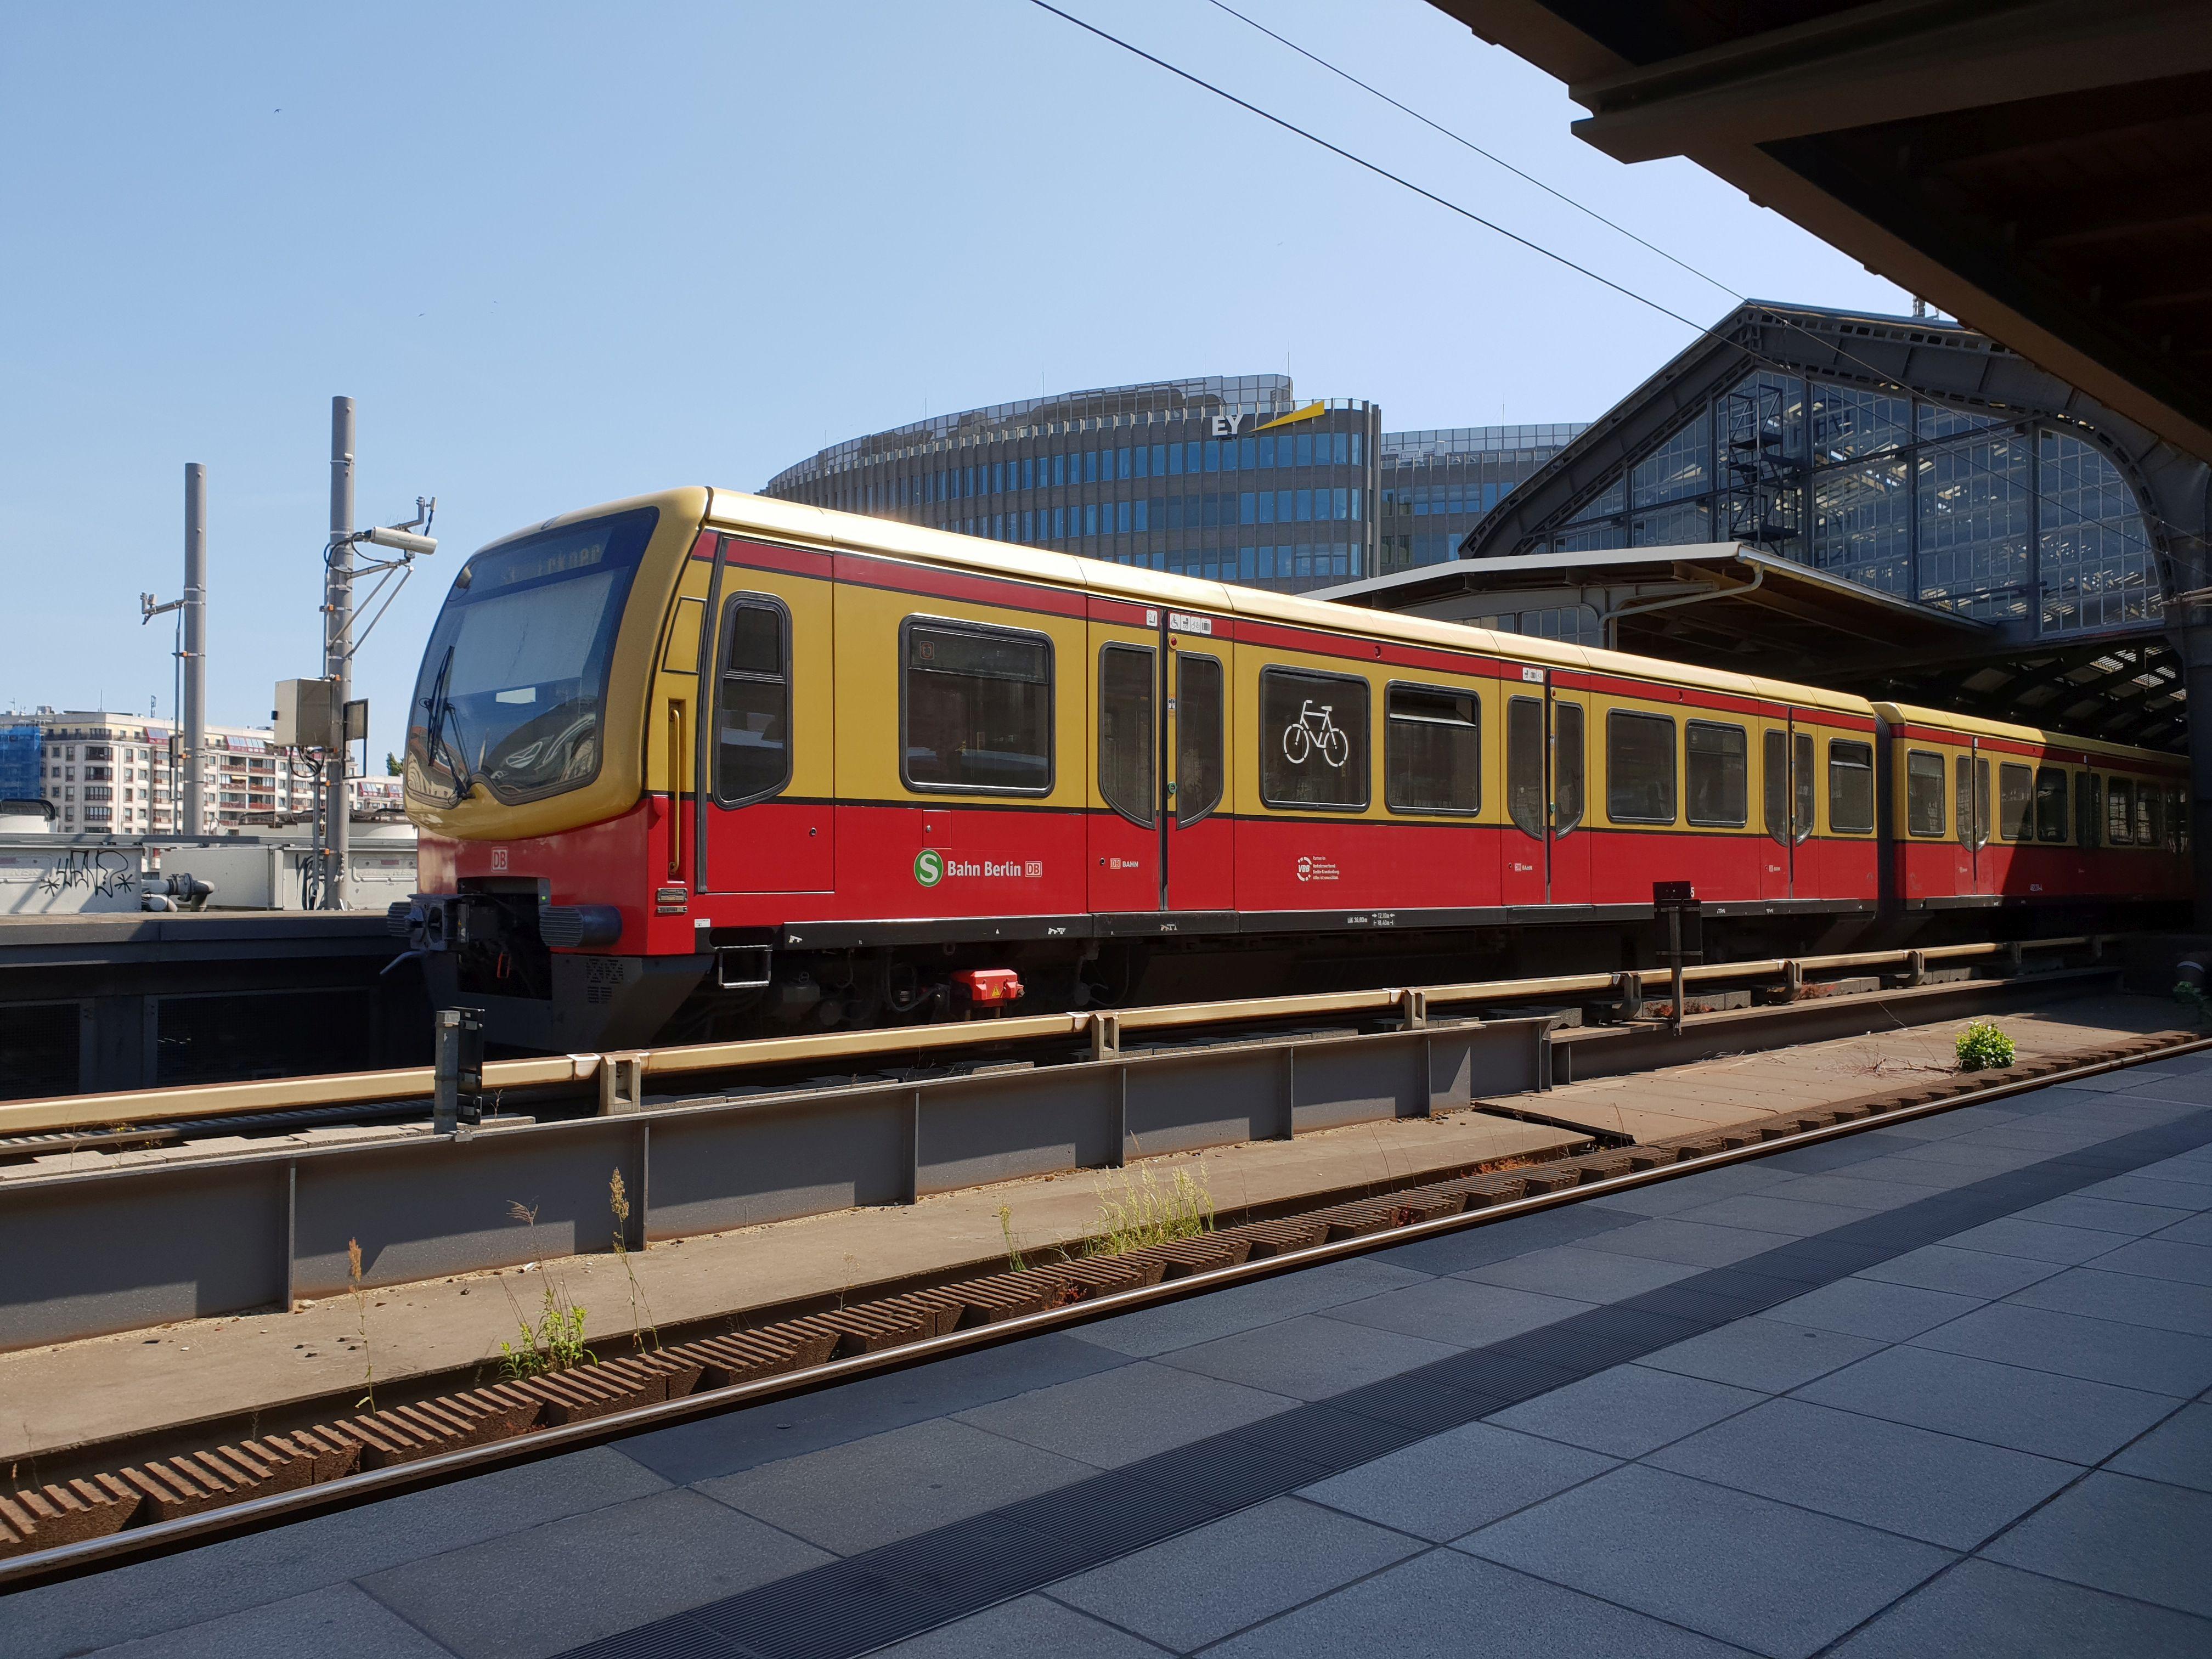 Foto:S-Bahn 481 214, Baureihe481/482, Friedrichstr., 2018